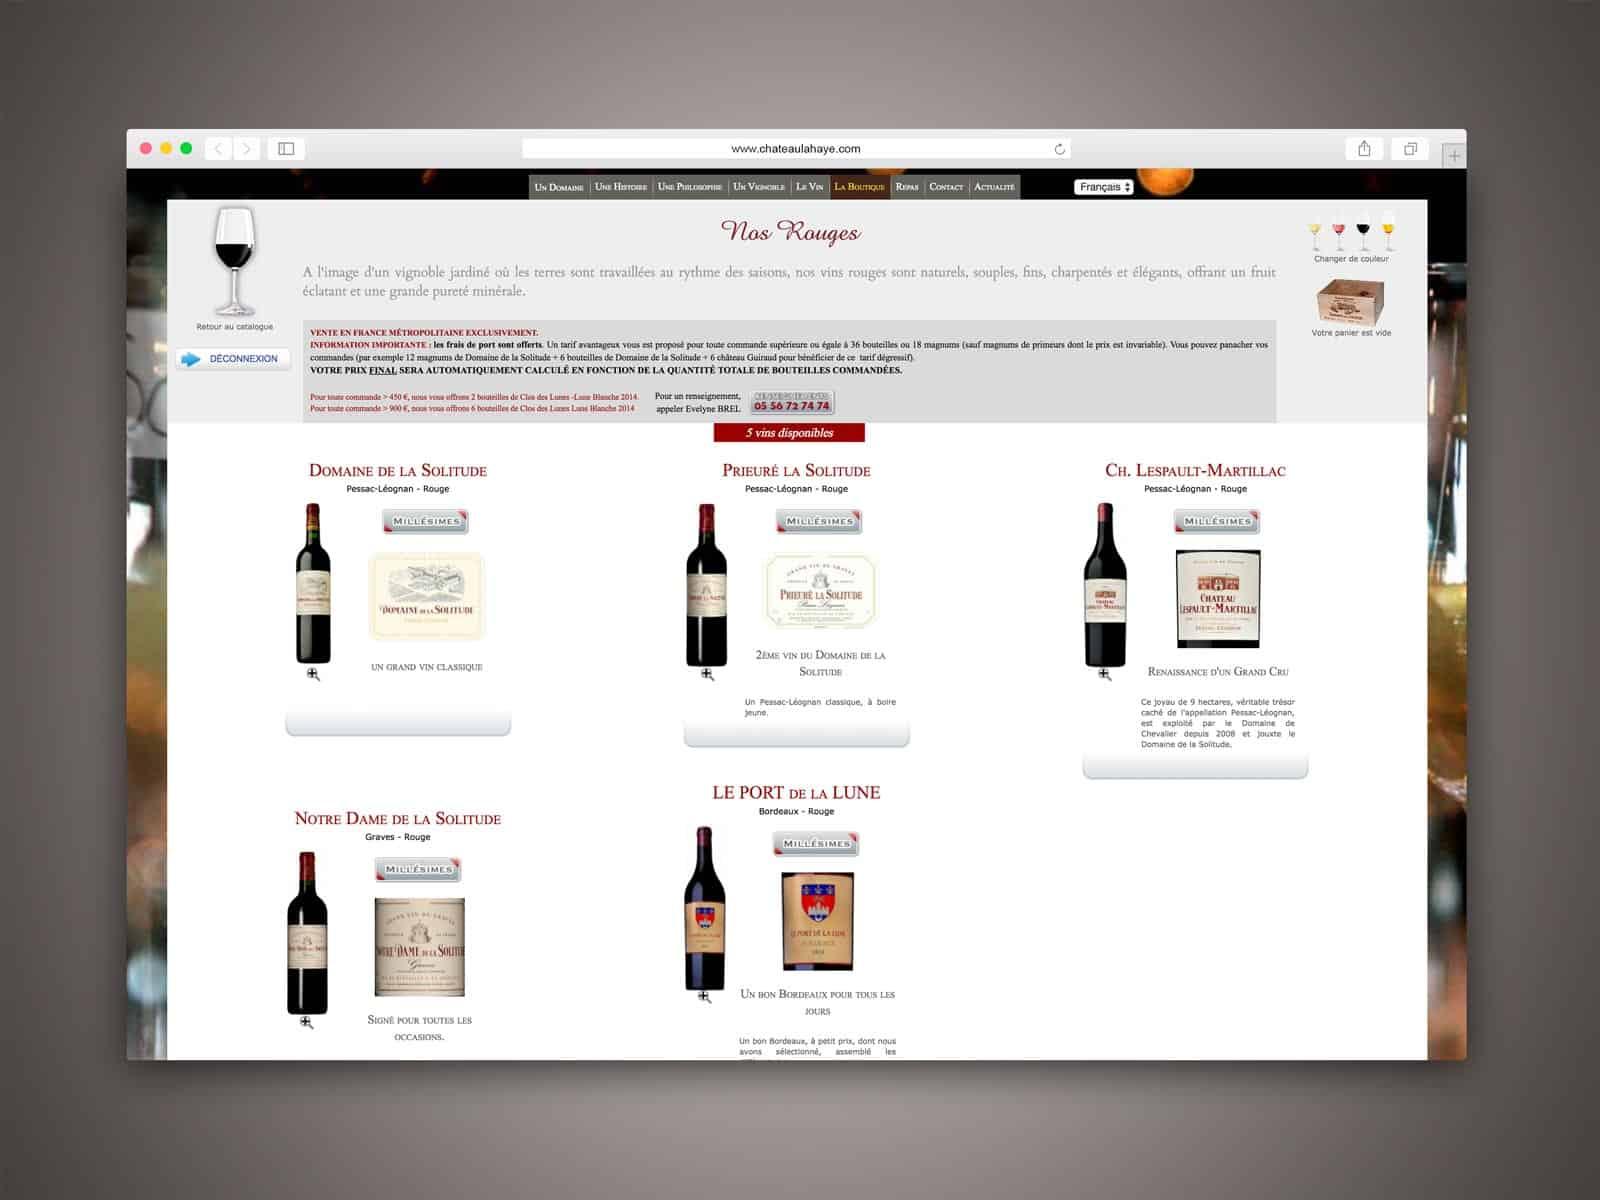 Domaine de la Solitude, choix des vins dans la boutique